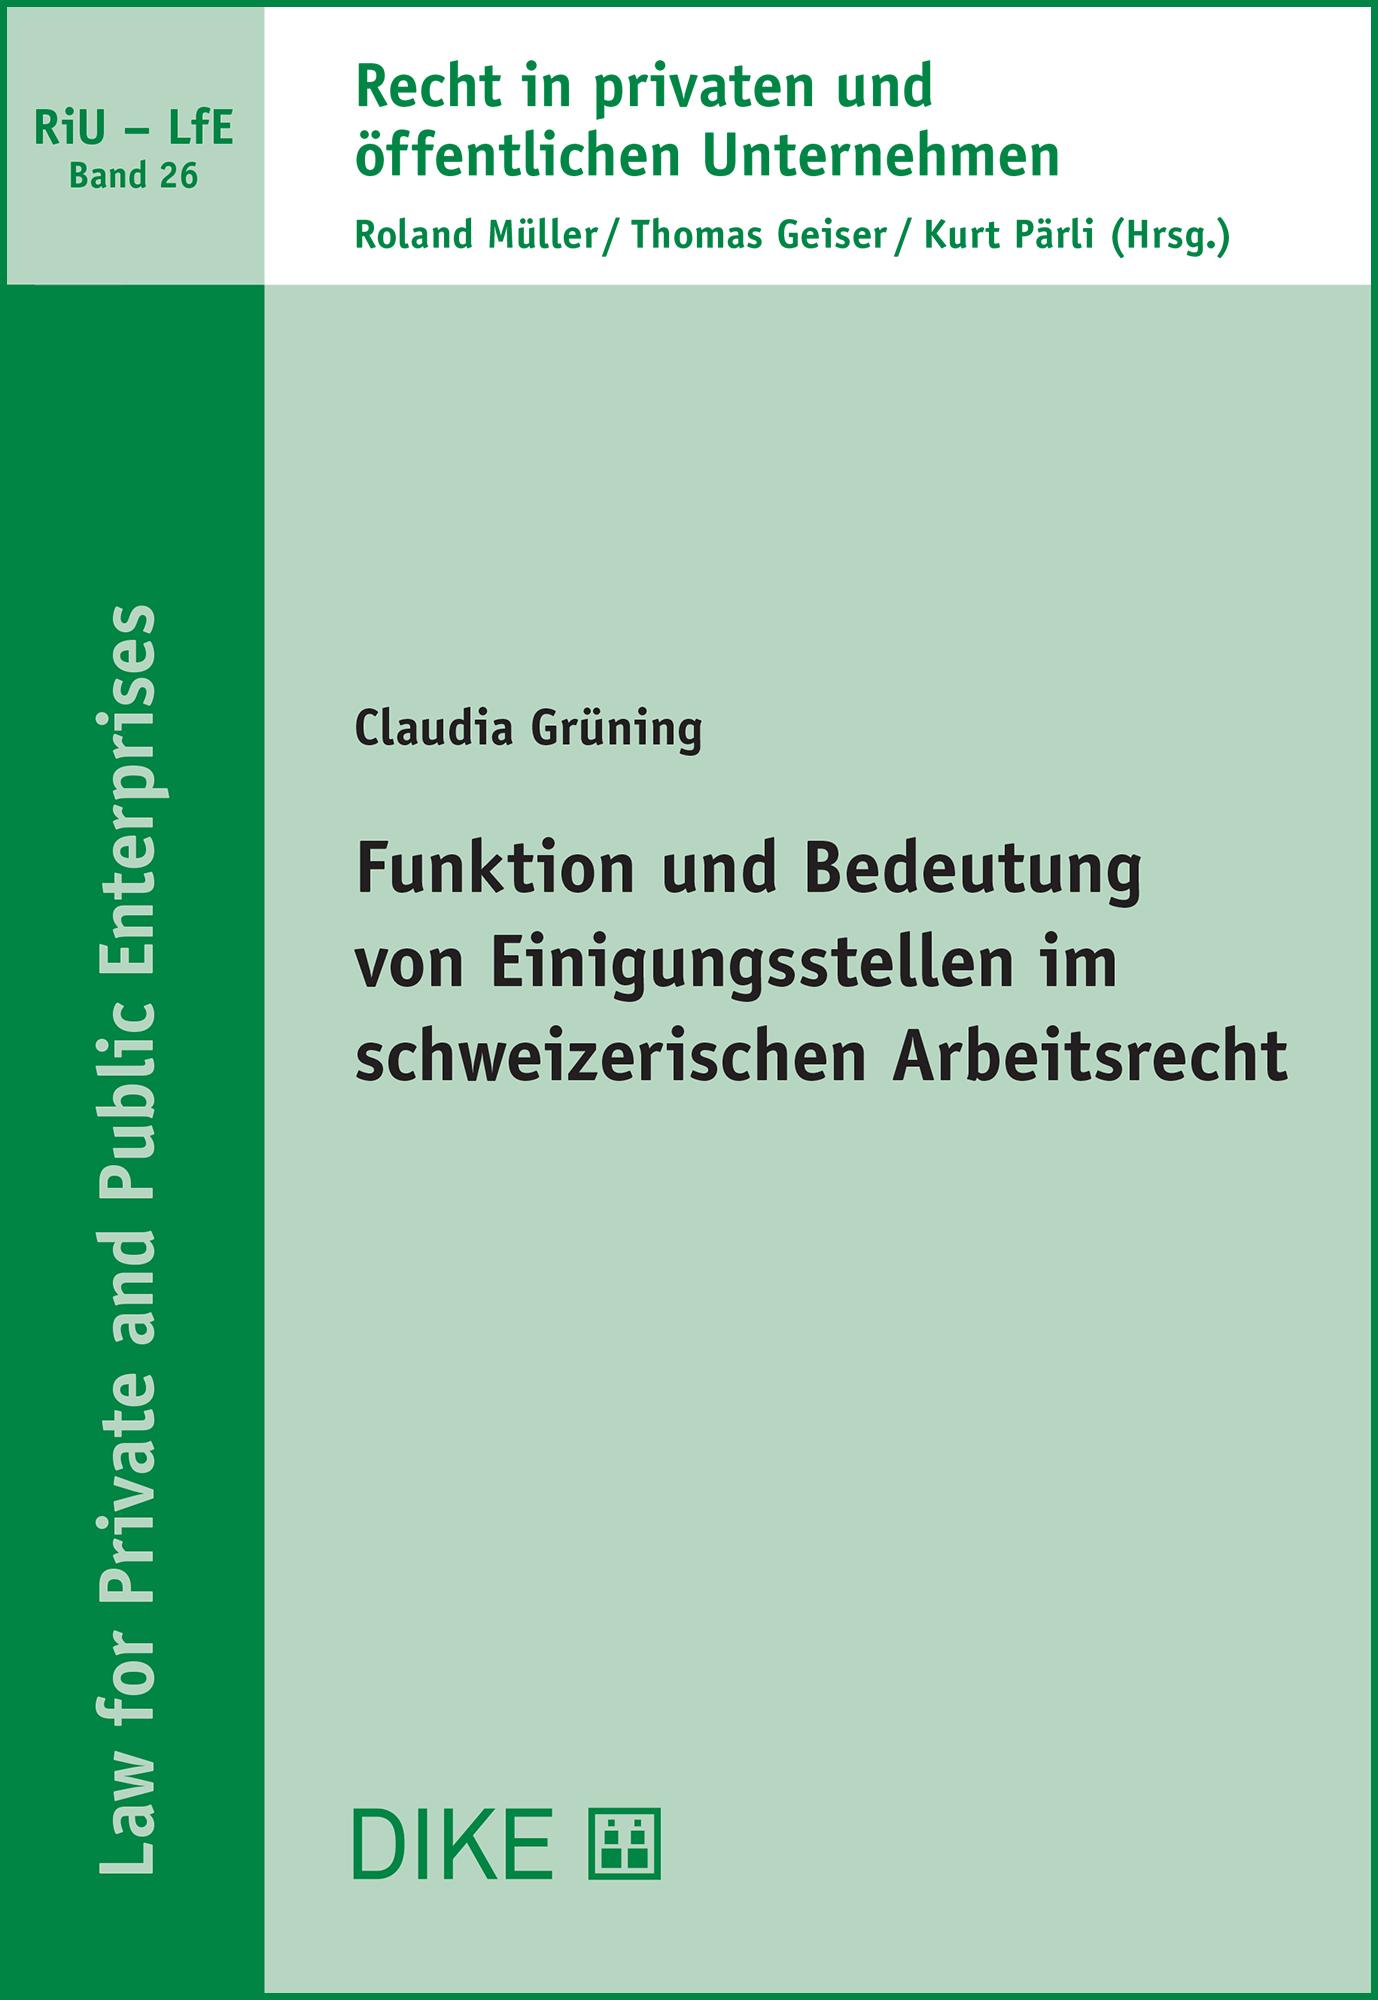 Funktion und Bedeutung von Einigungsstellen im schweizerischen Arbeitsrecht